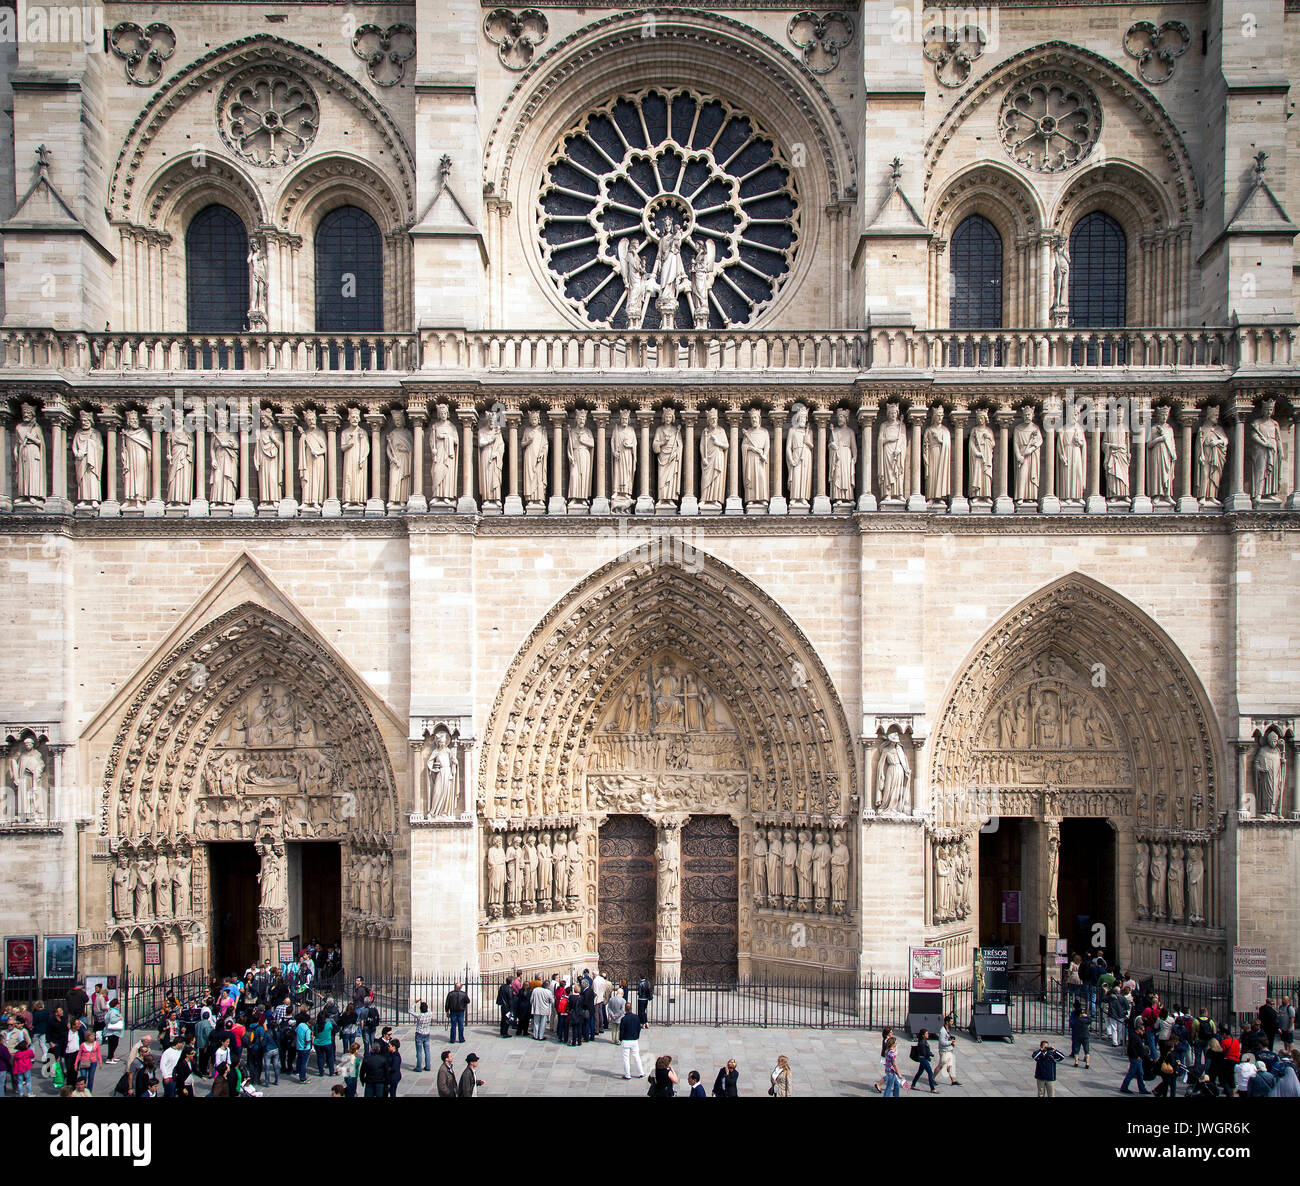 Façade de Cathédrale Notre Dame, Paris France Photo Stock